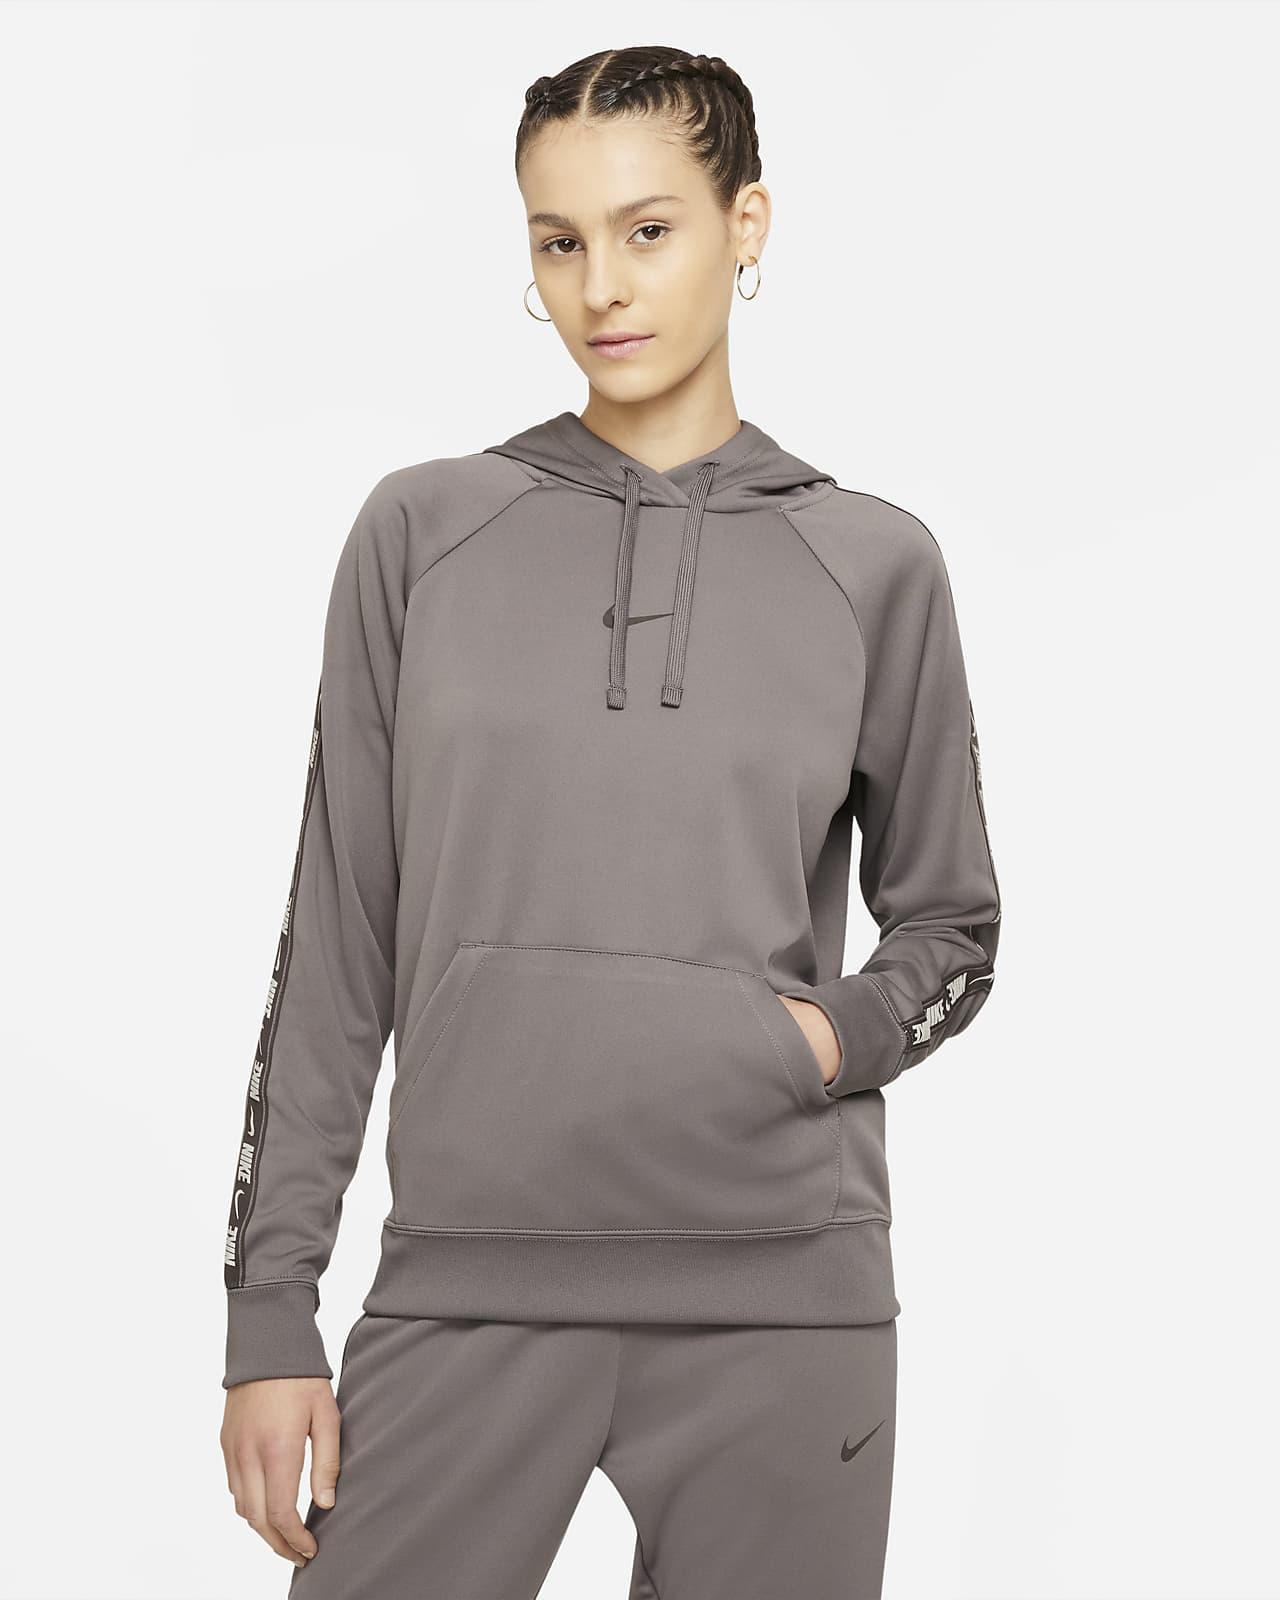 Nike Sportswear-pulloverhættetrøje til kvinder